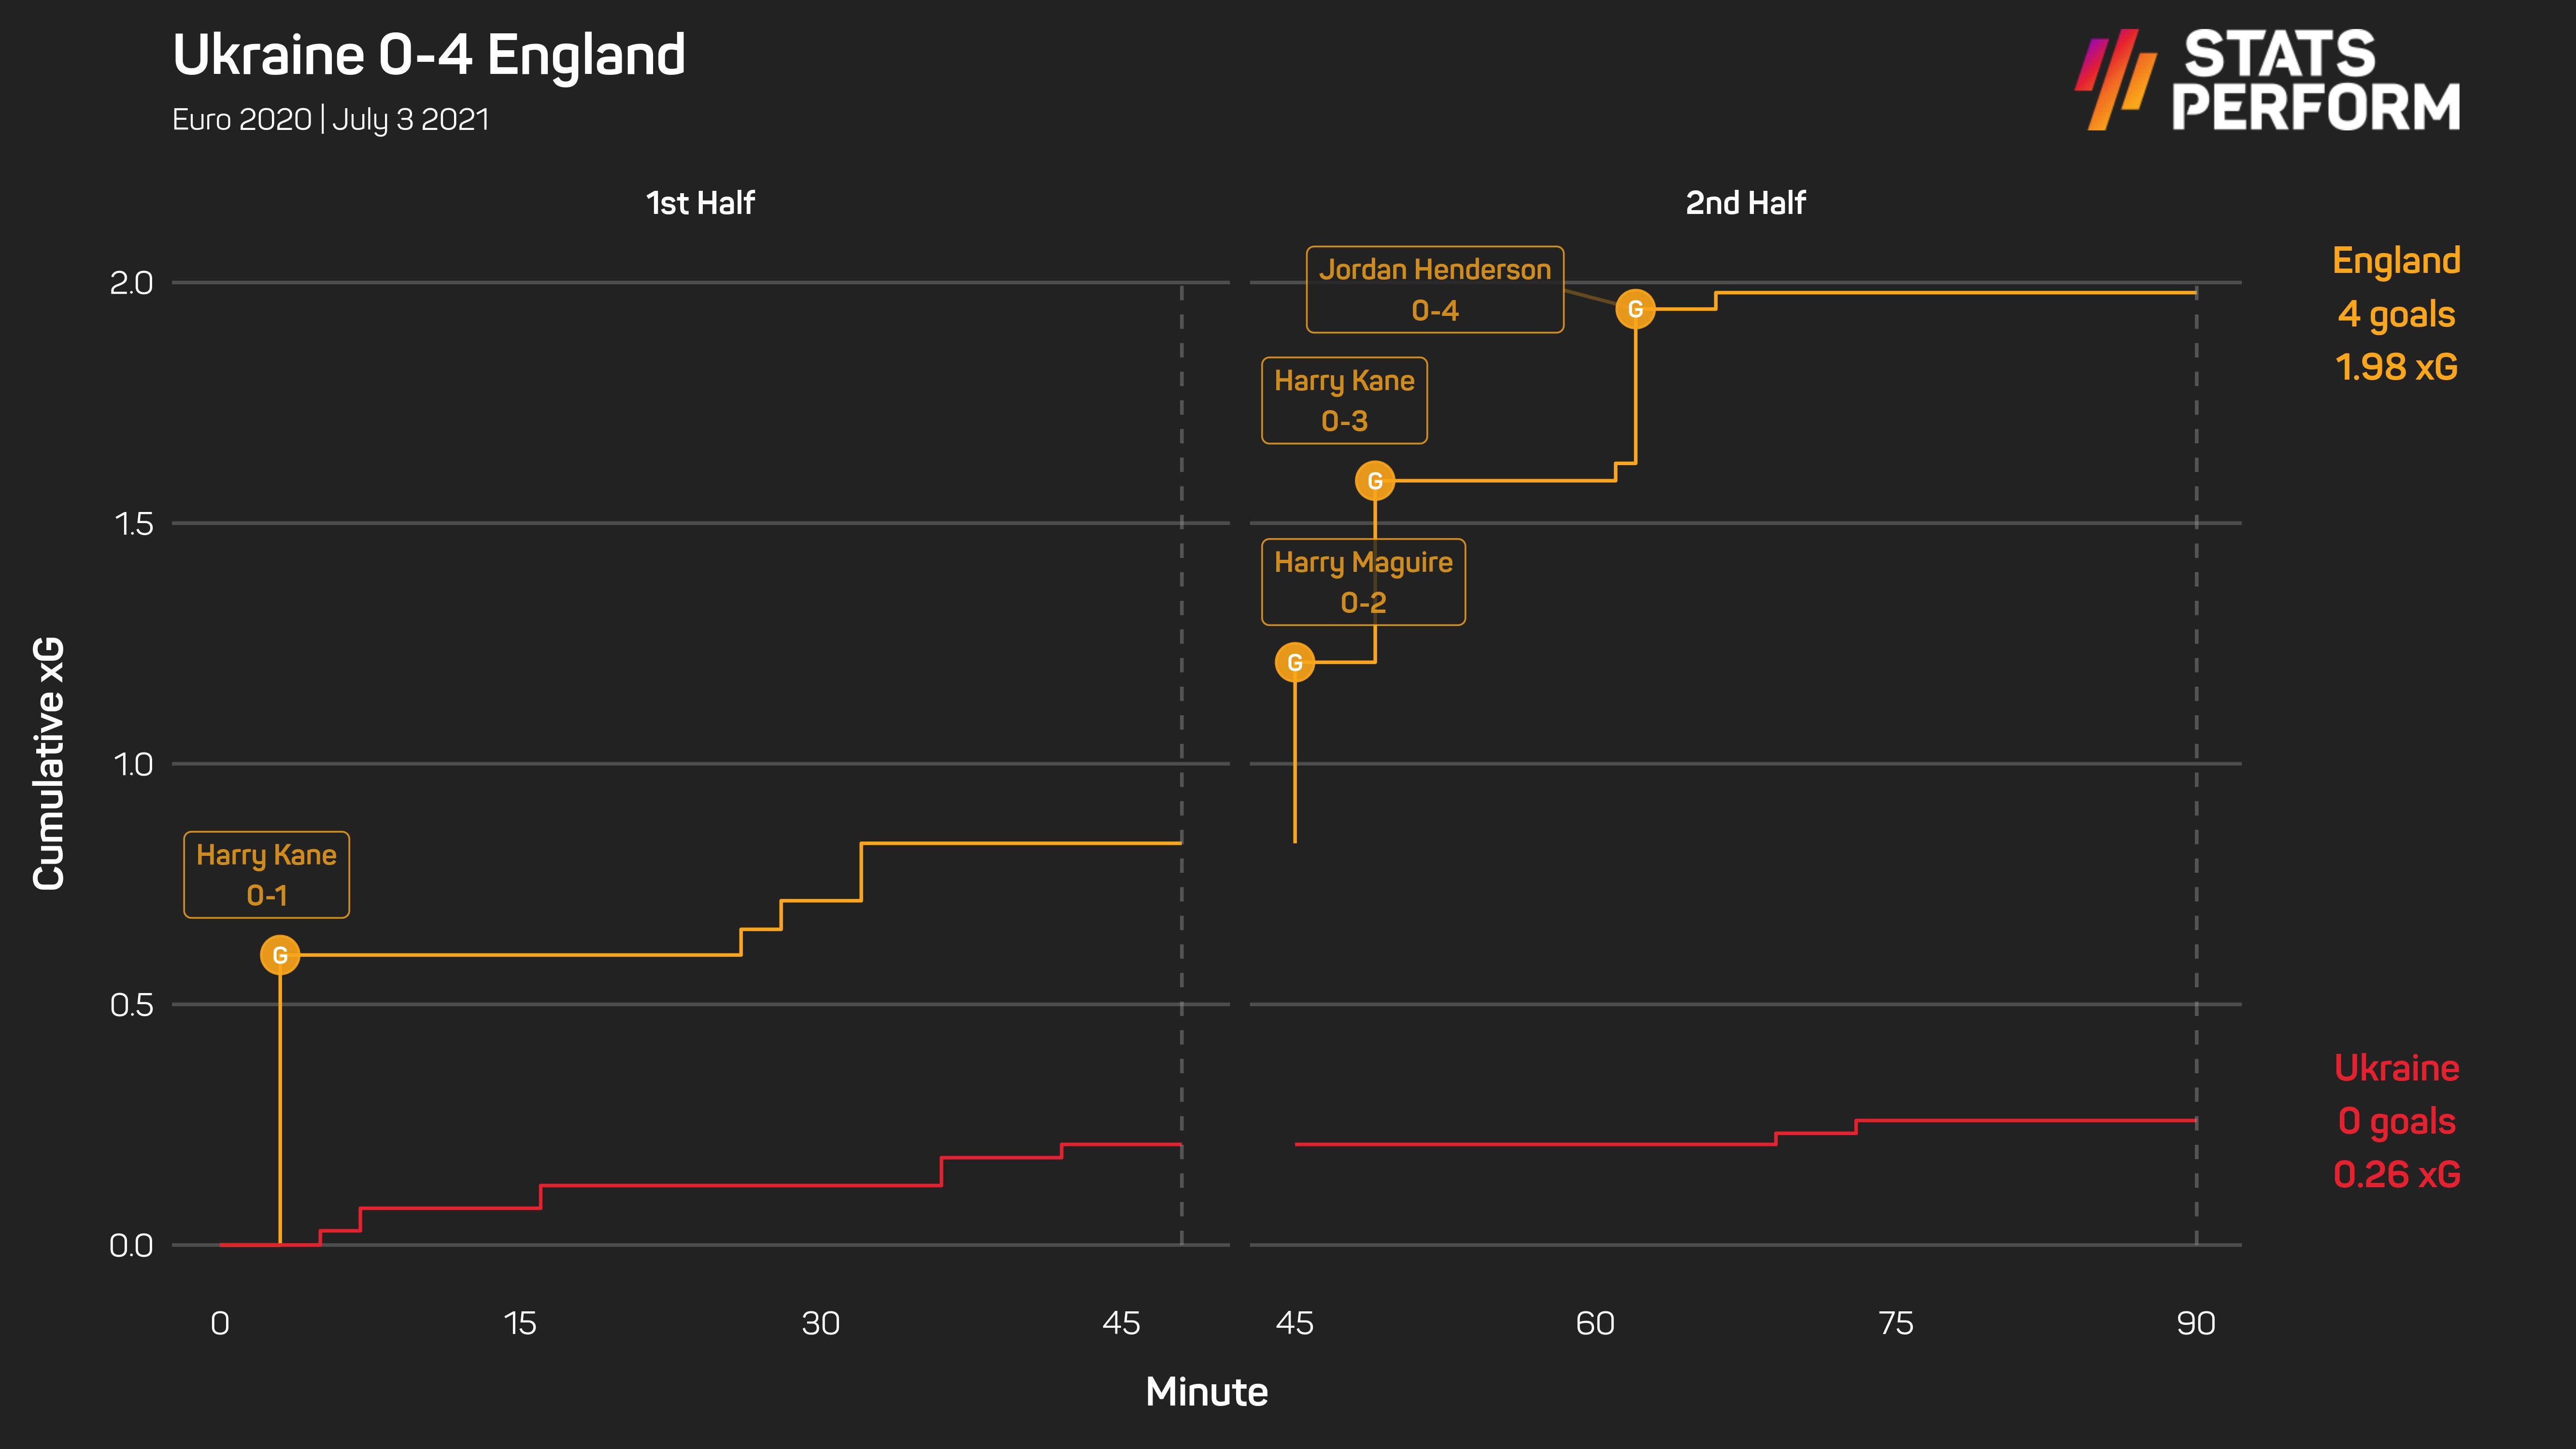 Ukraine 0-4 England xG race